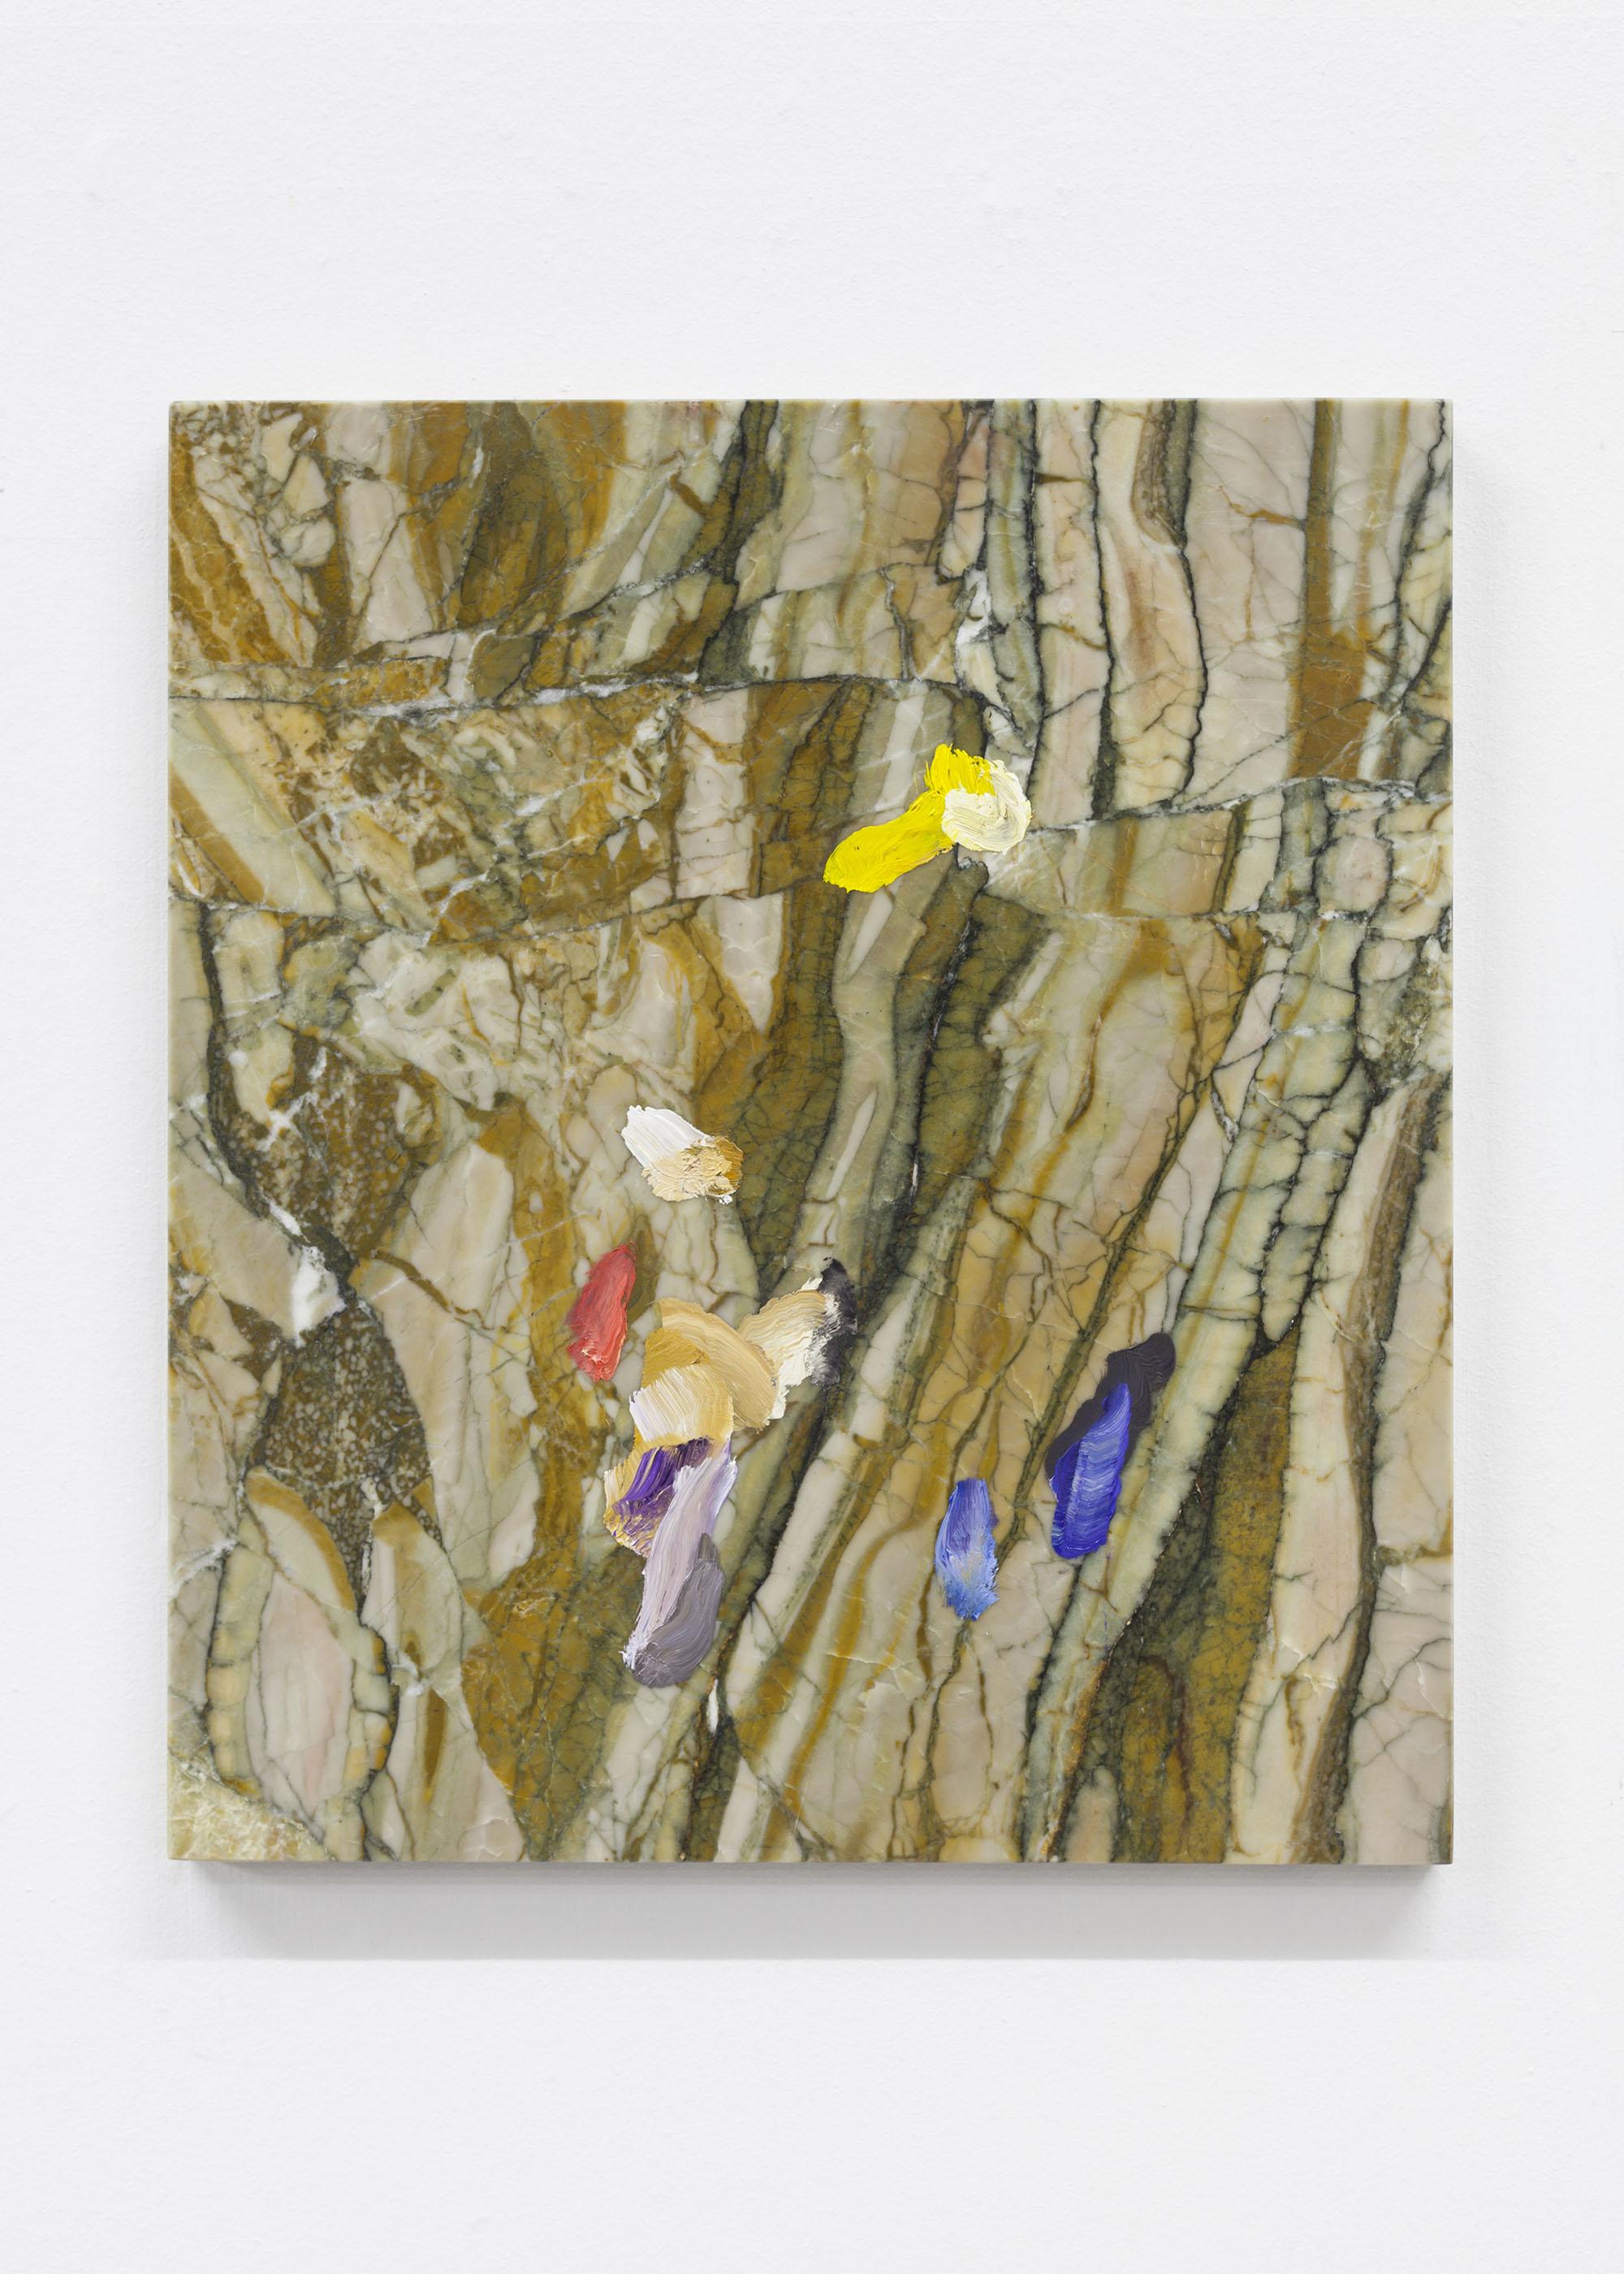 10 - Pieter Vermeersch at Carl Freedman Gallery London